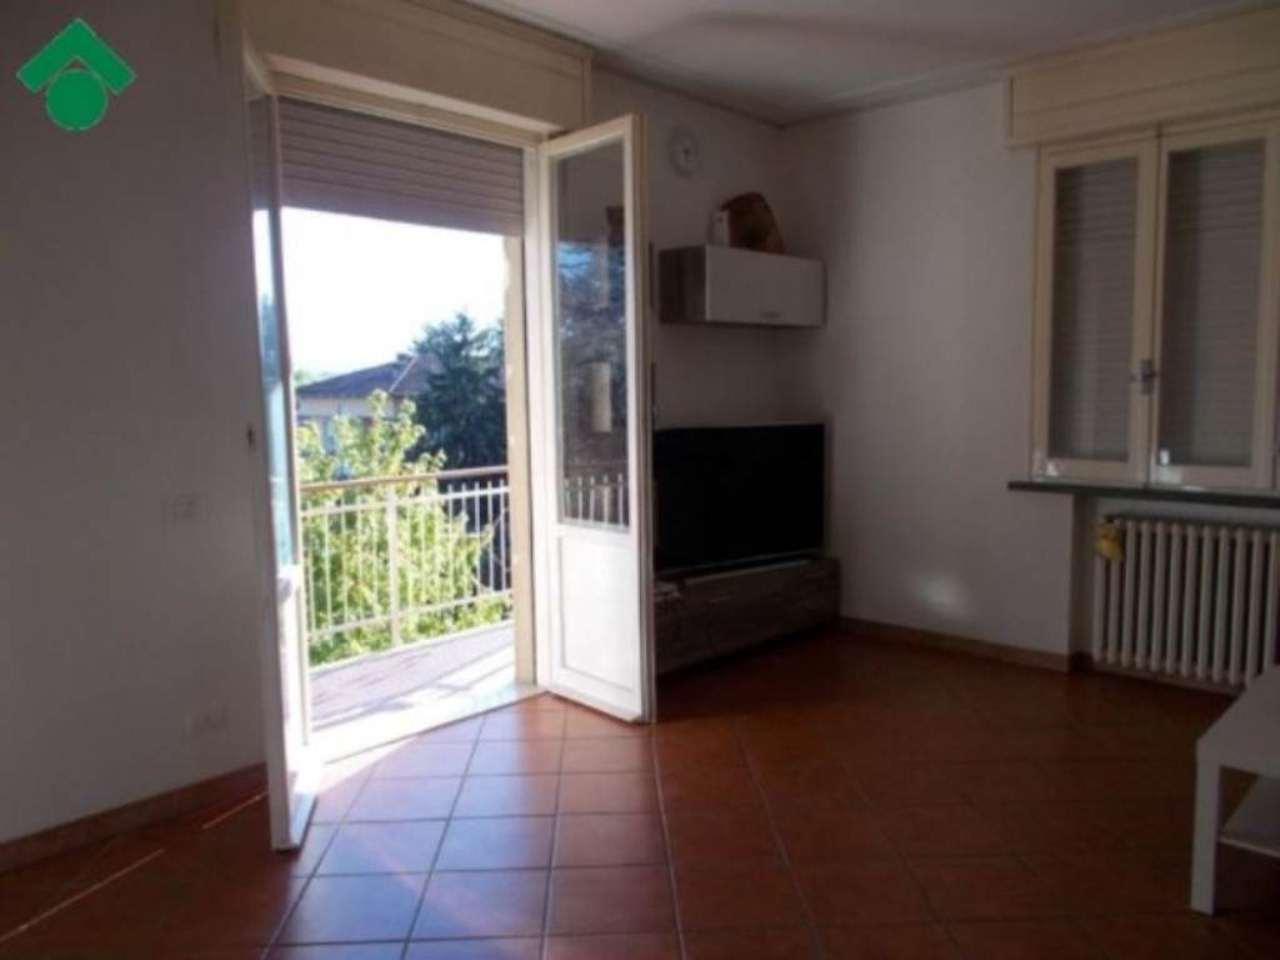 Appartamento in vendita a Bibbiano, 3 locali, prezzo € 105.000 | Cambio Casa.it